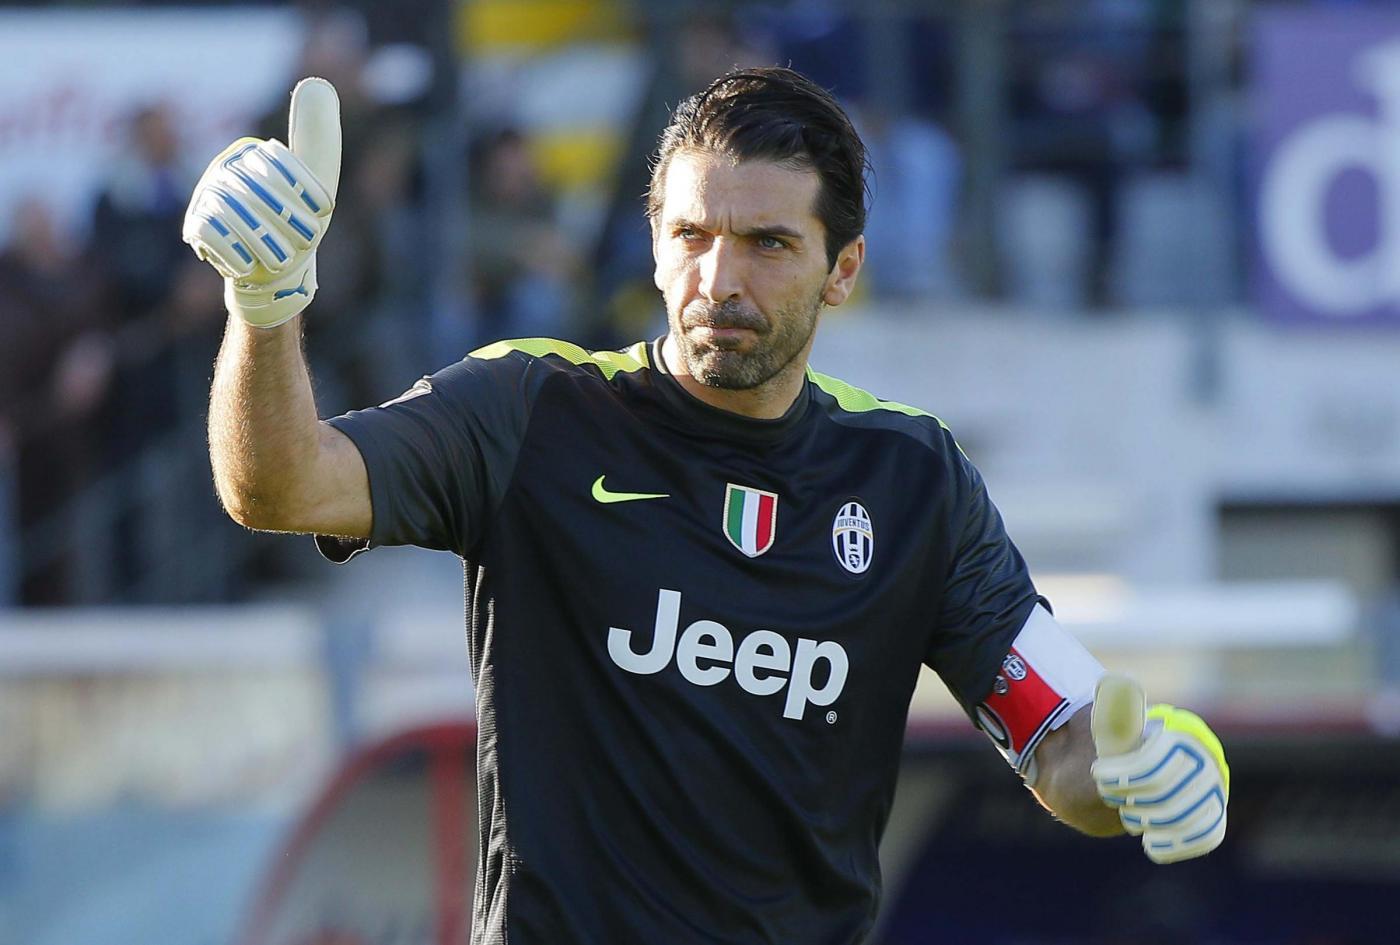 Mondiali, Italia: Buffon si allena, e arriva la famiglia